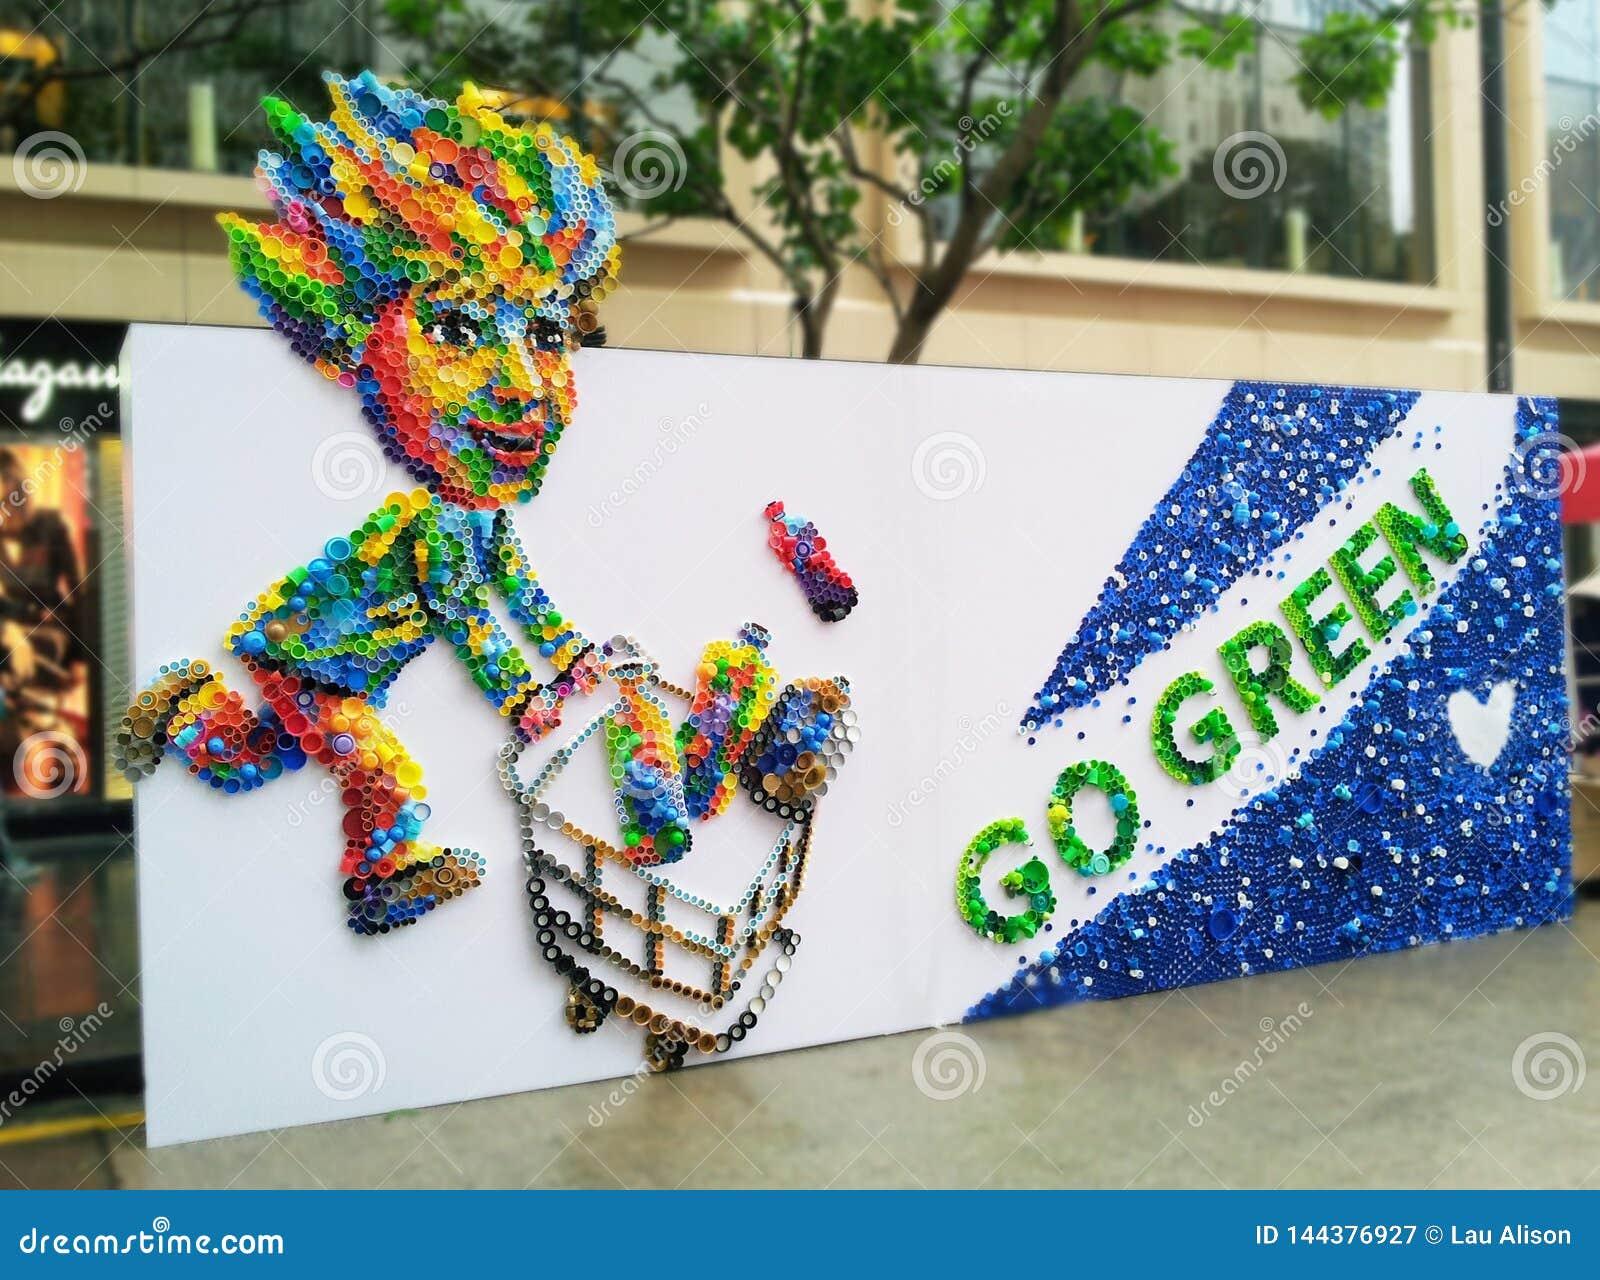 Środowiskowy życzliwy iść zieleń z plastikowymi nakrętkami upcycling nowych sztuk tworzenia